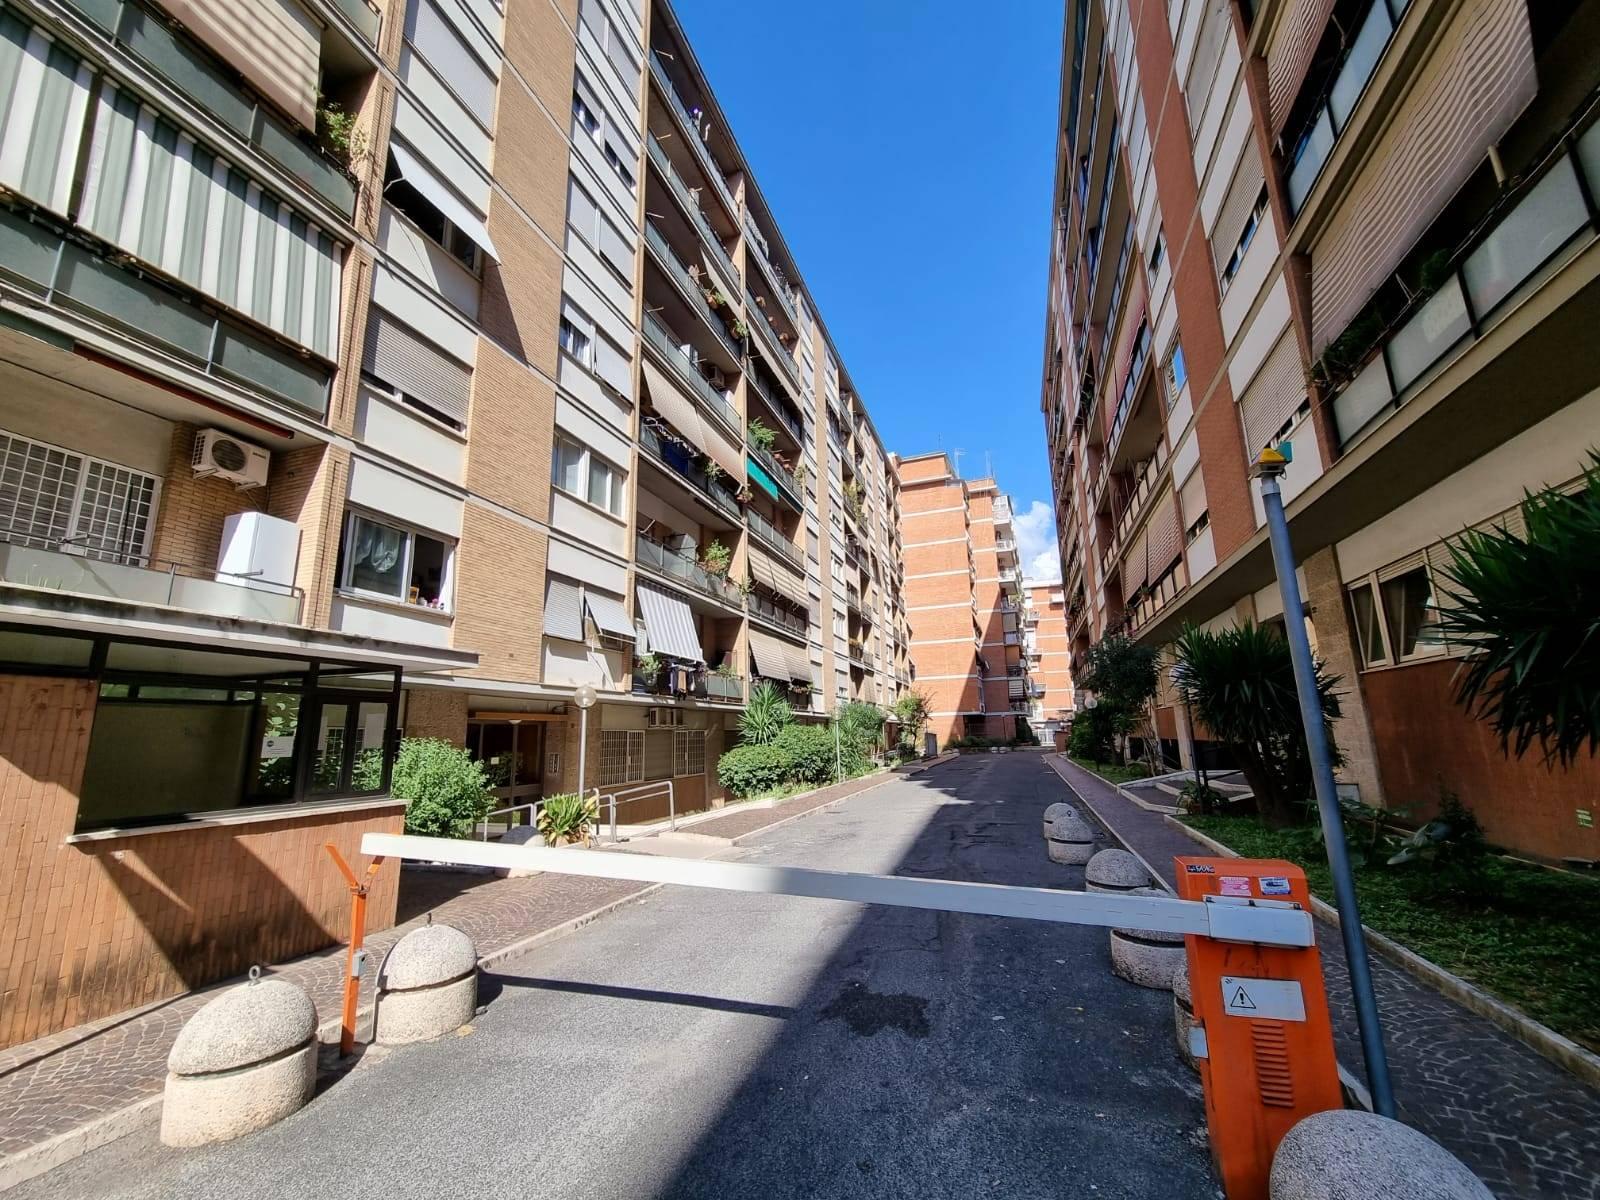 Casal Bruciato, precisamente in Via Carlo Tenca strada privata in stabile in cortina proponiamo in affitto camera di 20mq, in appartamento di 120 mq